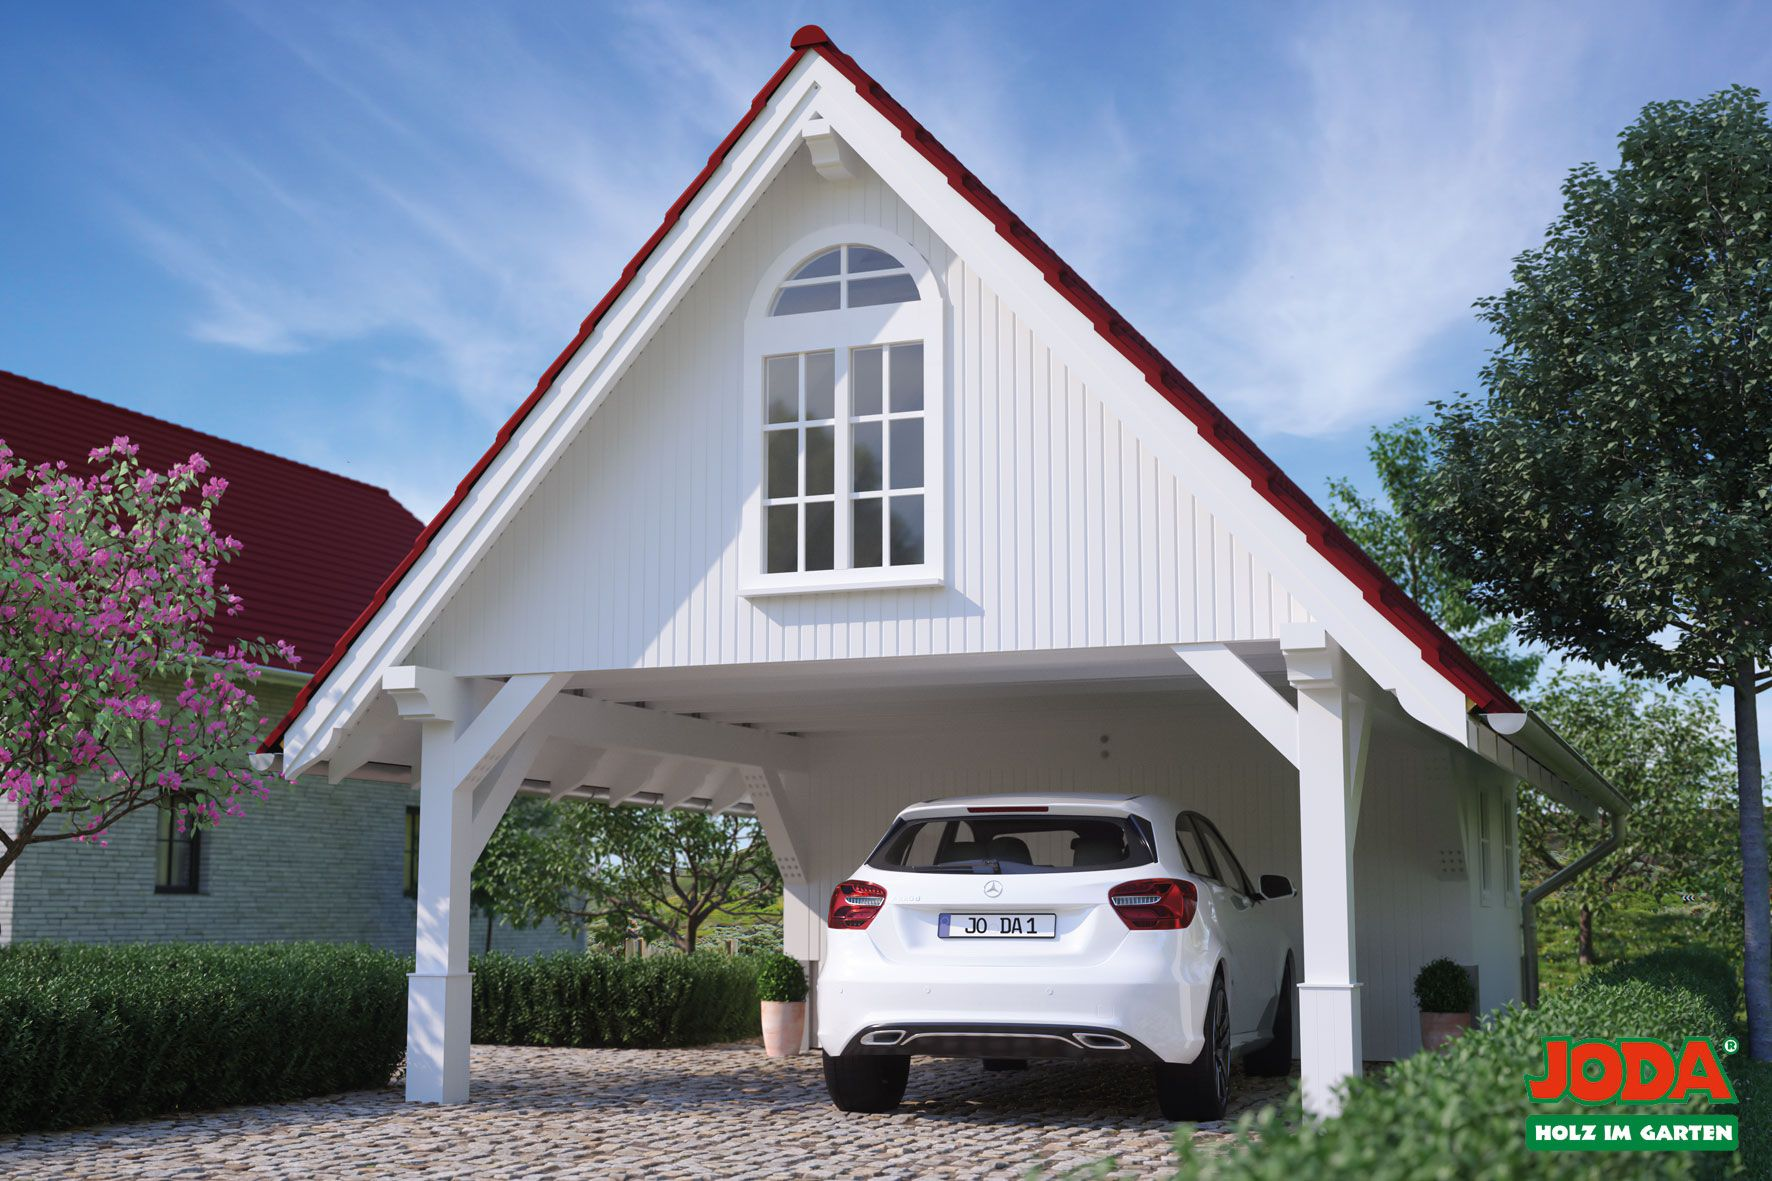 Pin Von Joda Auf Carports Haus Gartenhaus Carports